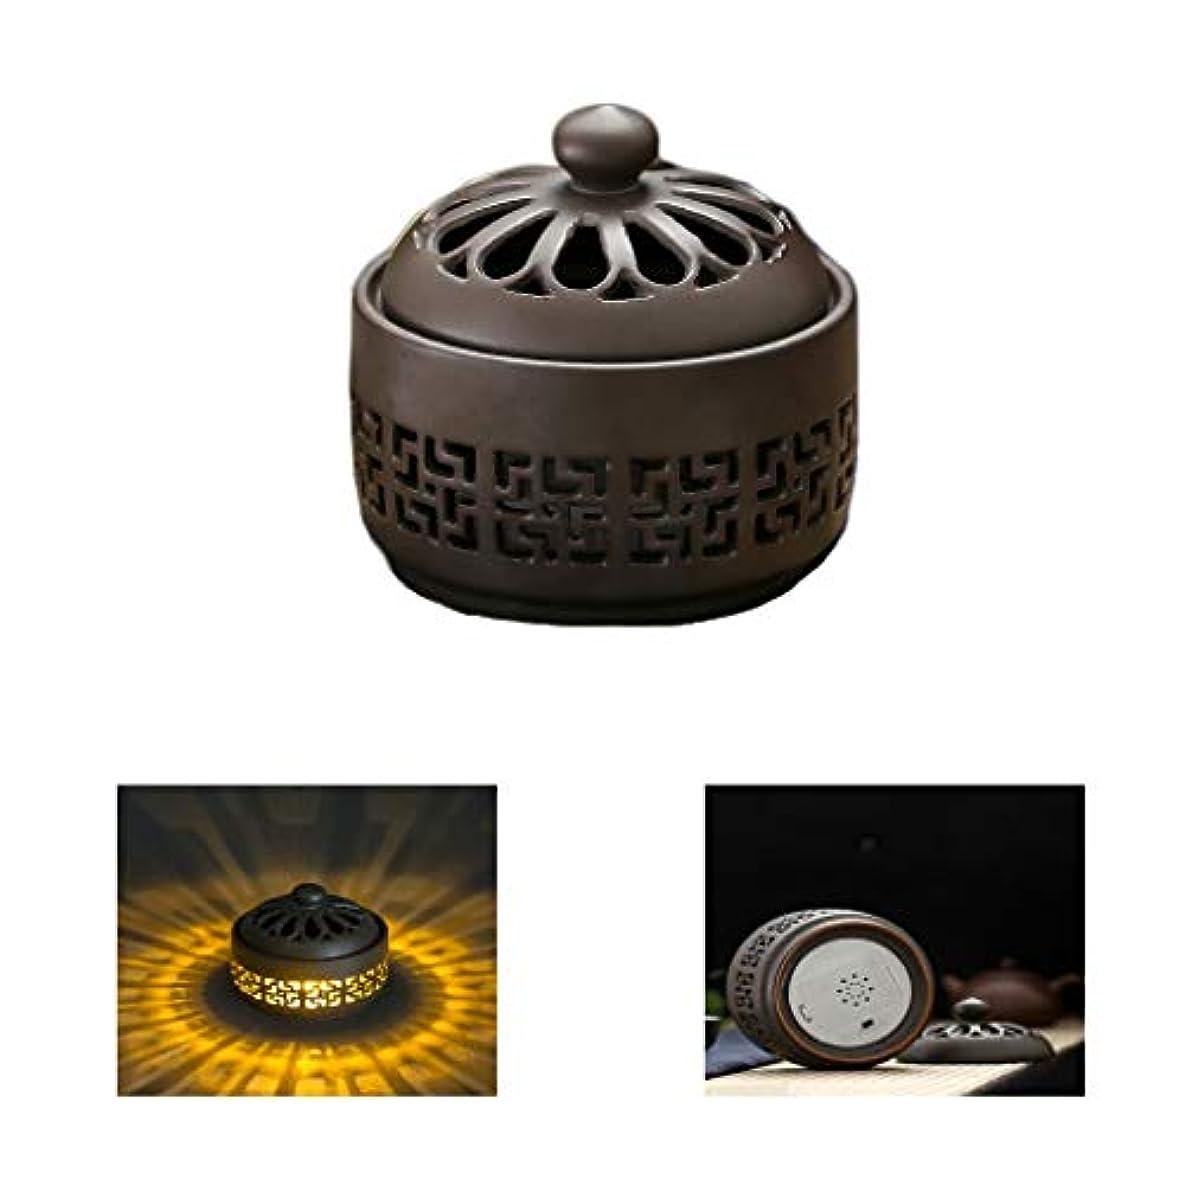 優越はげゴミ箱を空にするホームアロマバーナー LED暖かい光香バーナーレトロノスタルジックなセラミック香炉高温アロマセラピー炉 アロマバーナー (Color : Earth tones)